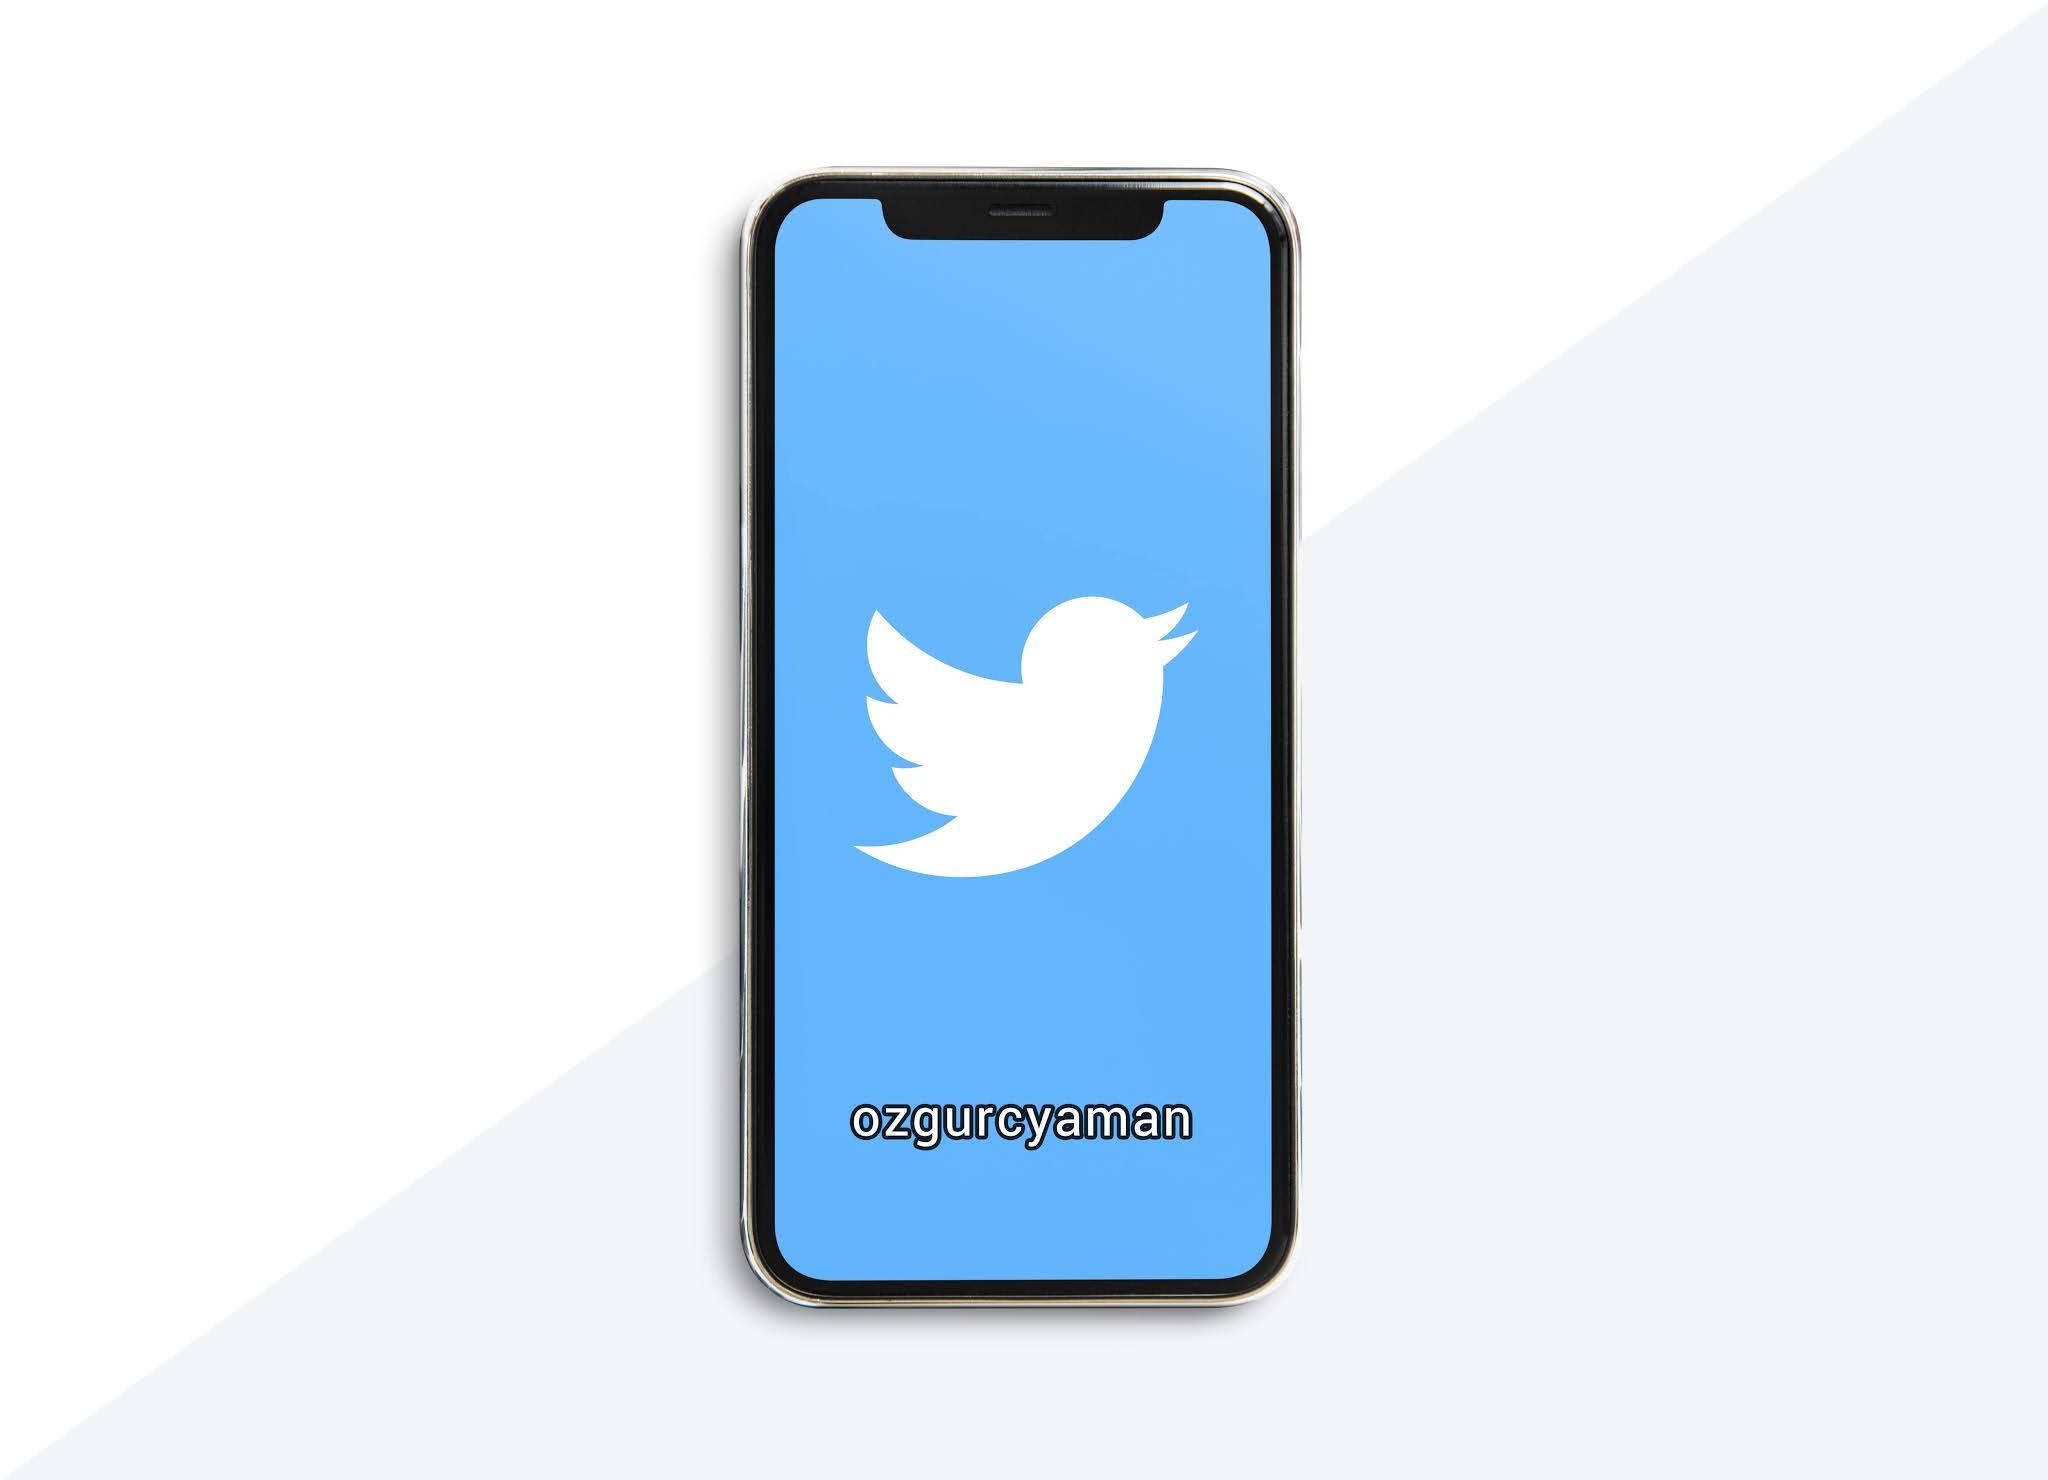 Telefon Numarama Kayıtlı Twitter Hesapları